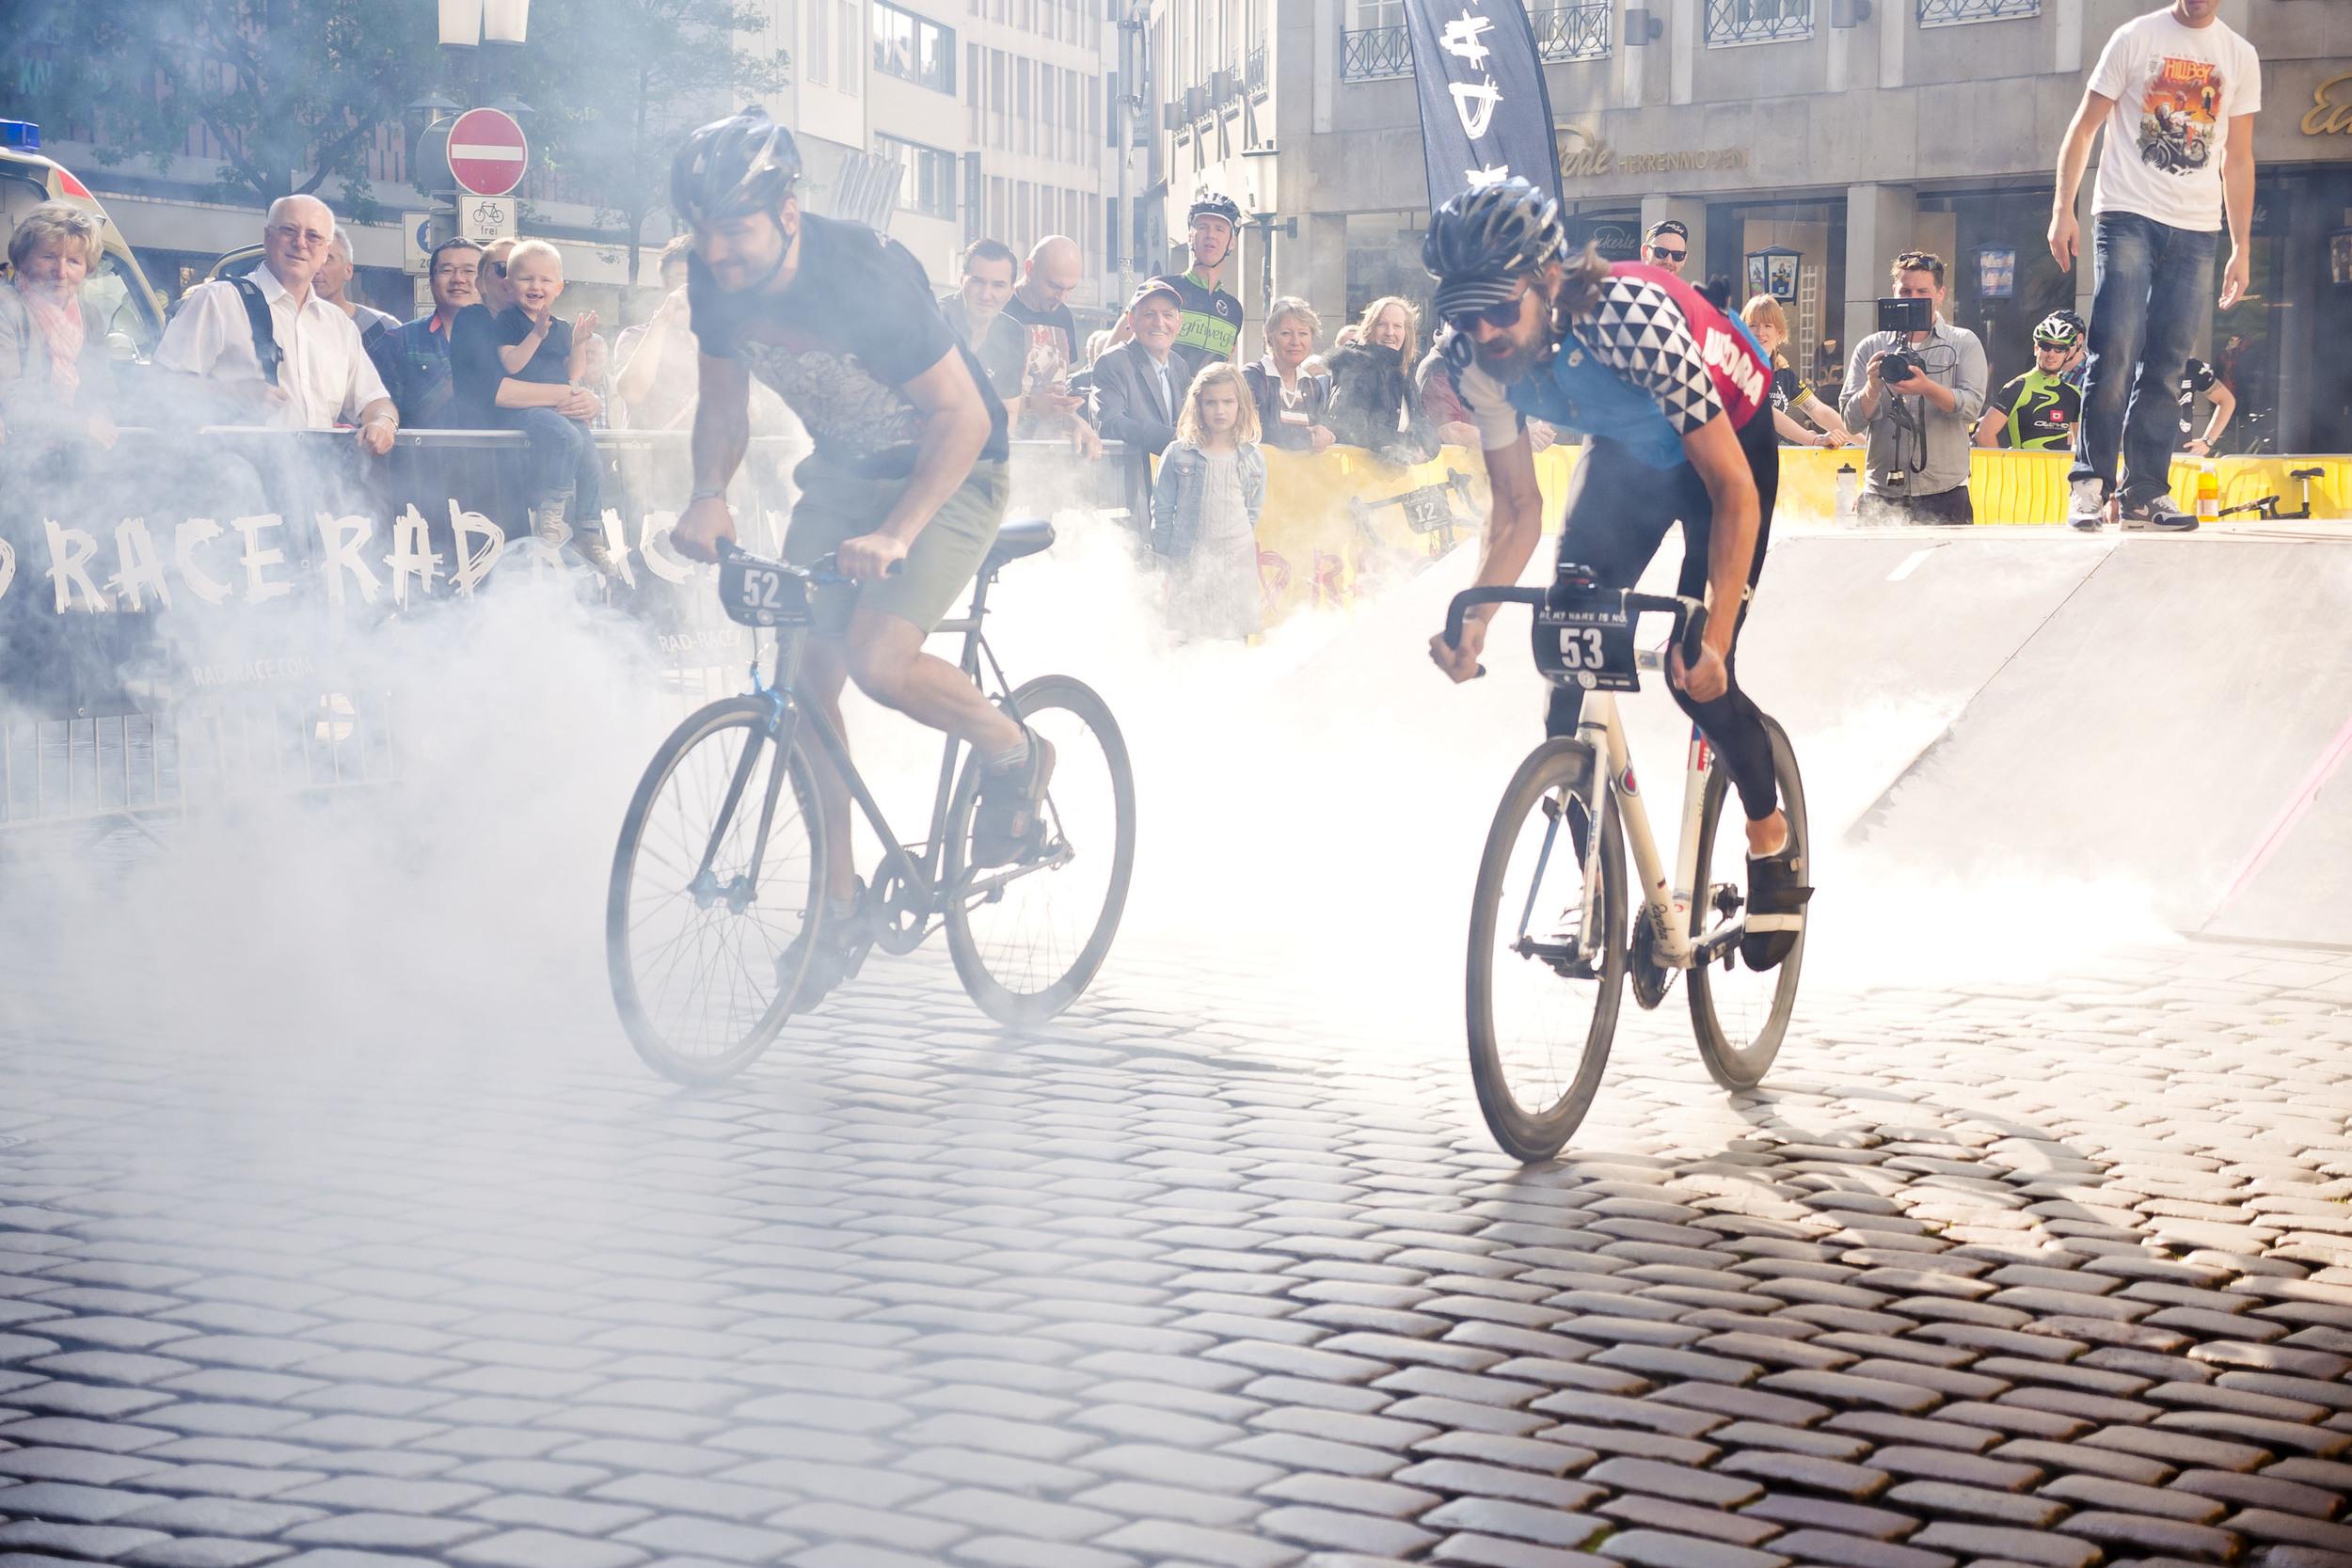 RAD RACE BATTLE Münster 2014 Pic by Sebastian Gondek_1.jpg